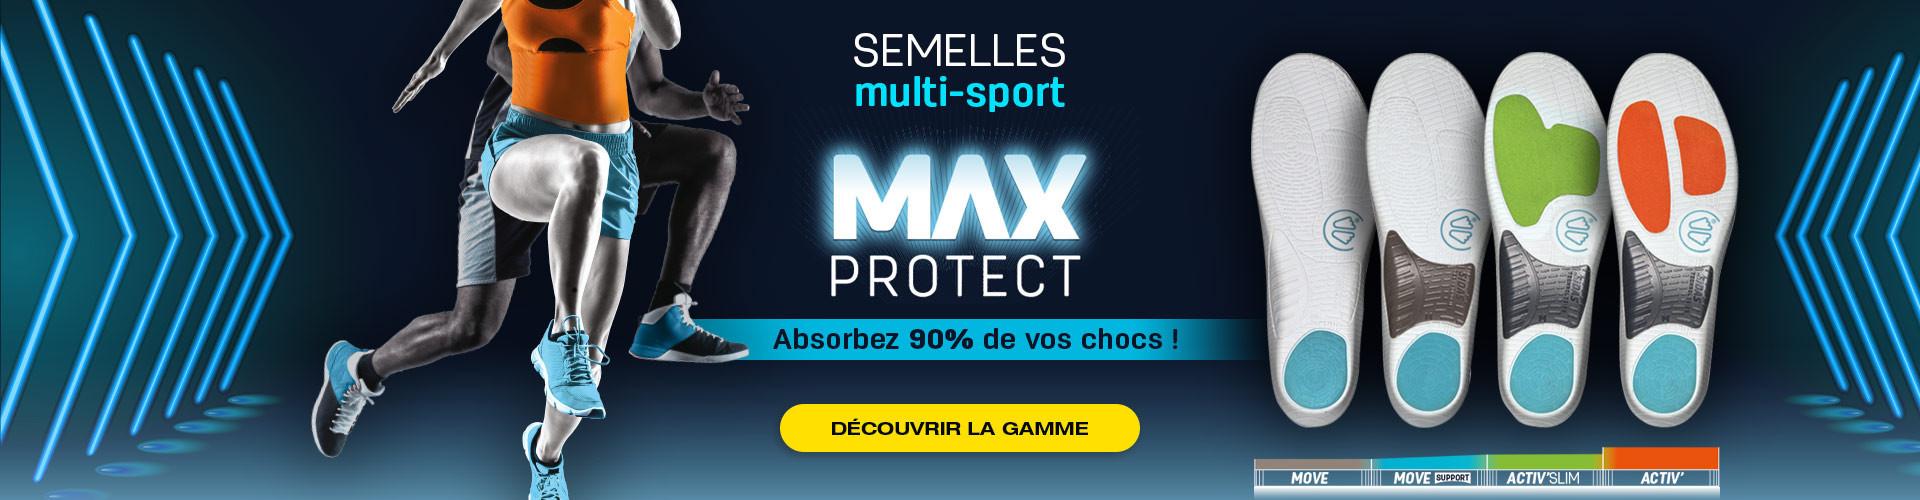 Découvrez notre nouvelle gamme de semelles pour le multi-sports !